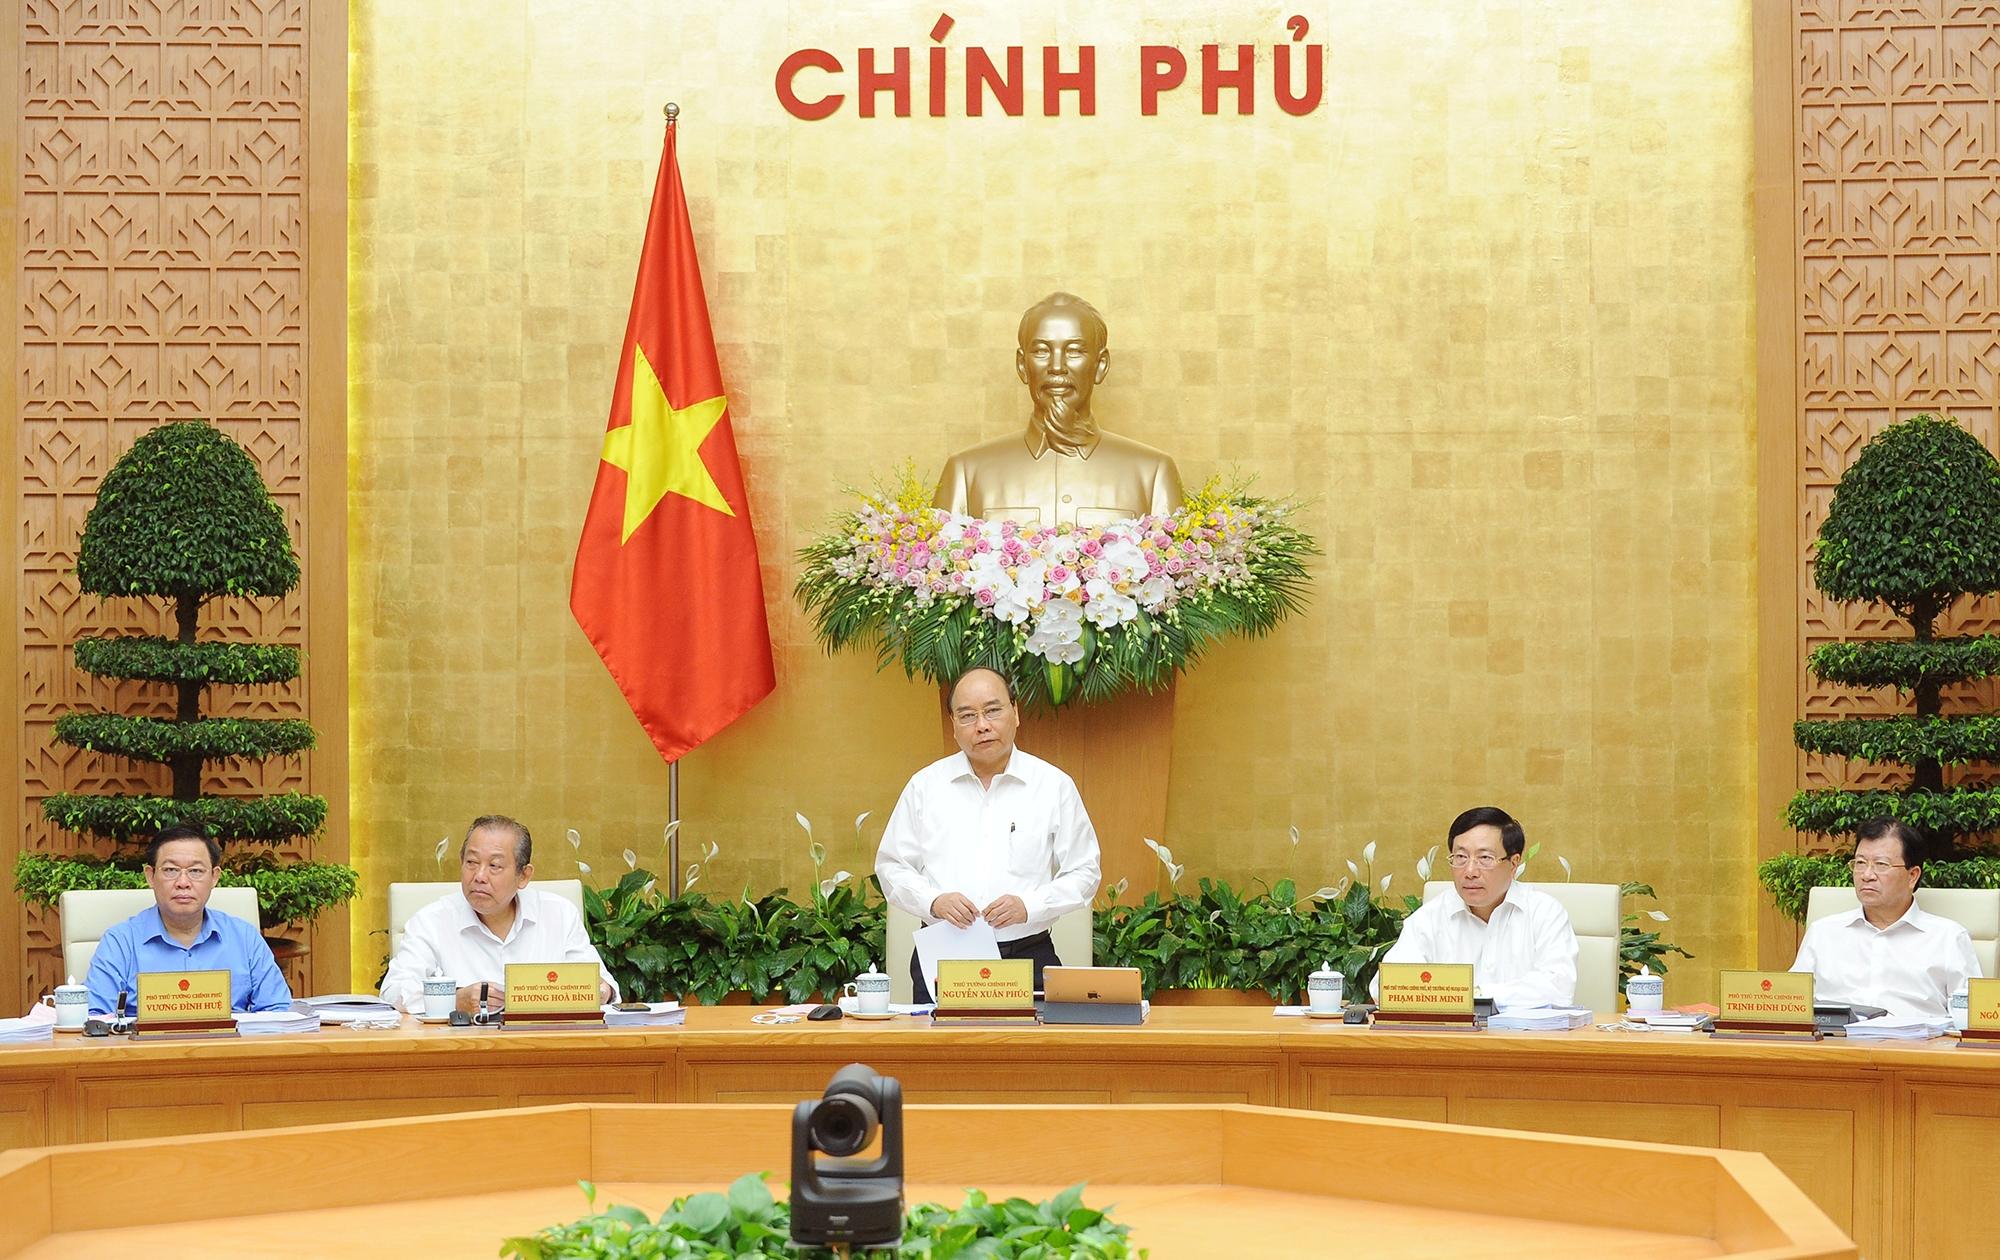 Chính phủ họp phiên chuyên đề về xây dựng pháp luật